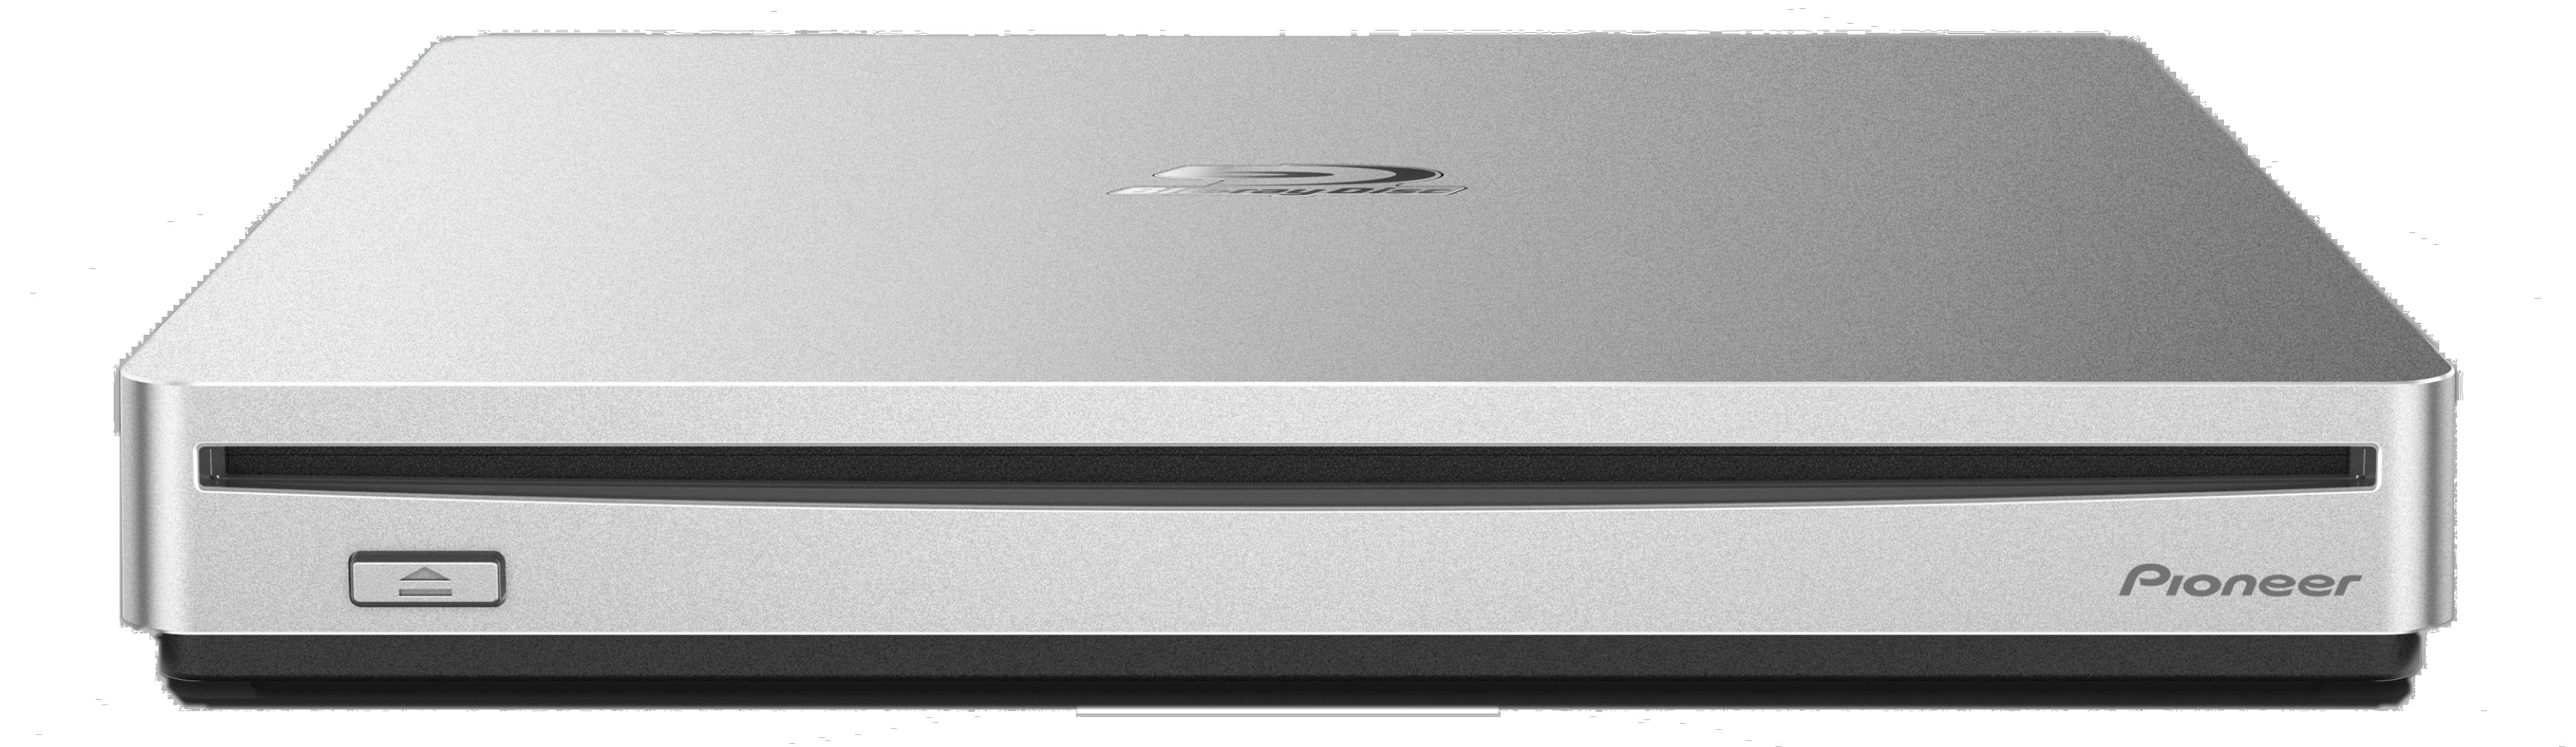 パイオニア、Mac対応のポータブルBD/DVD/CDライター「BDR-XS07JL」を発売